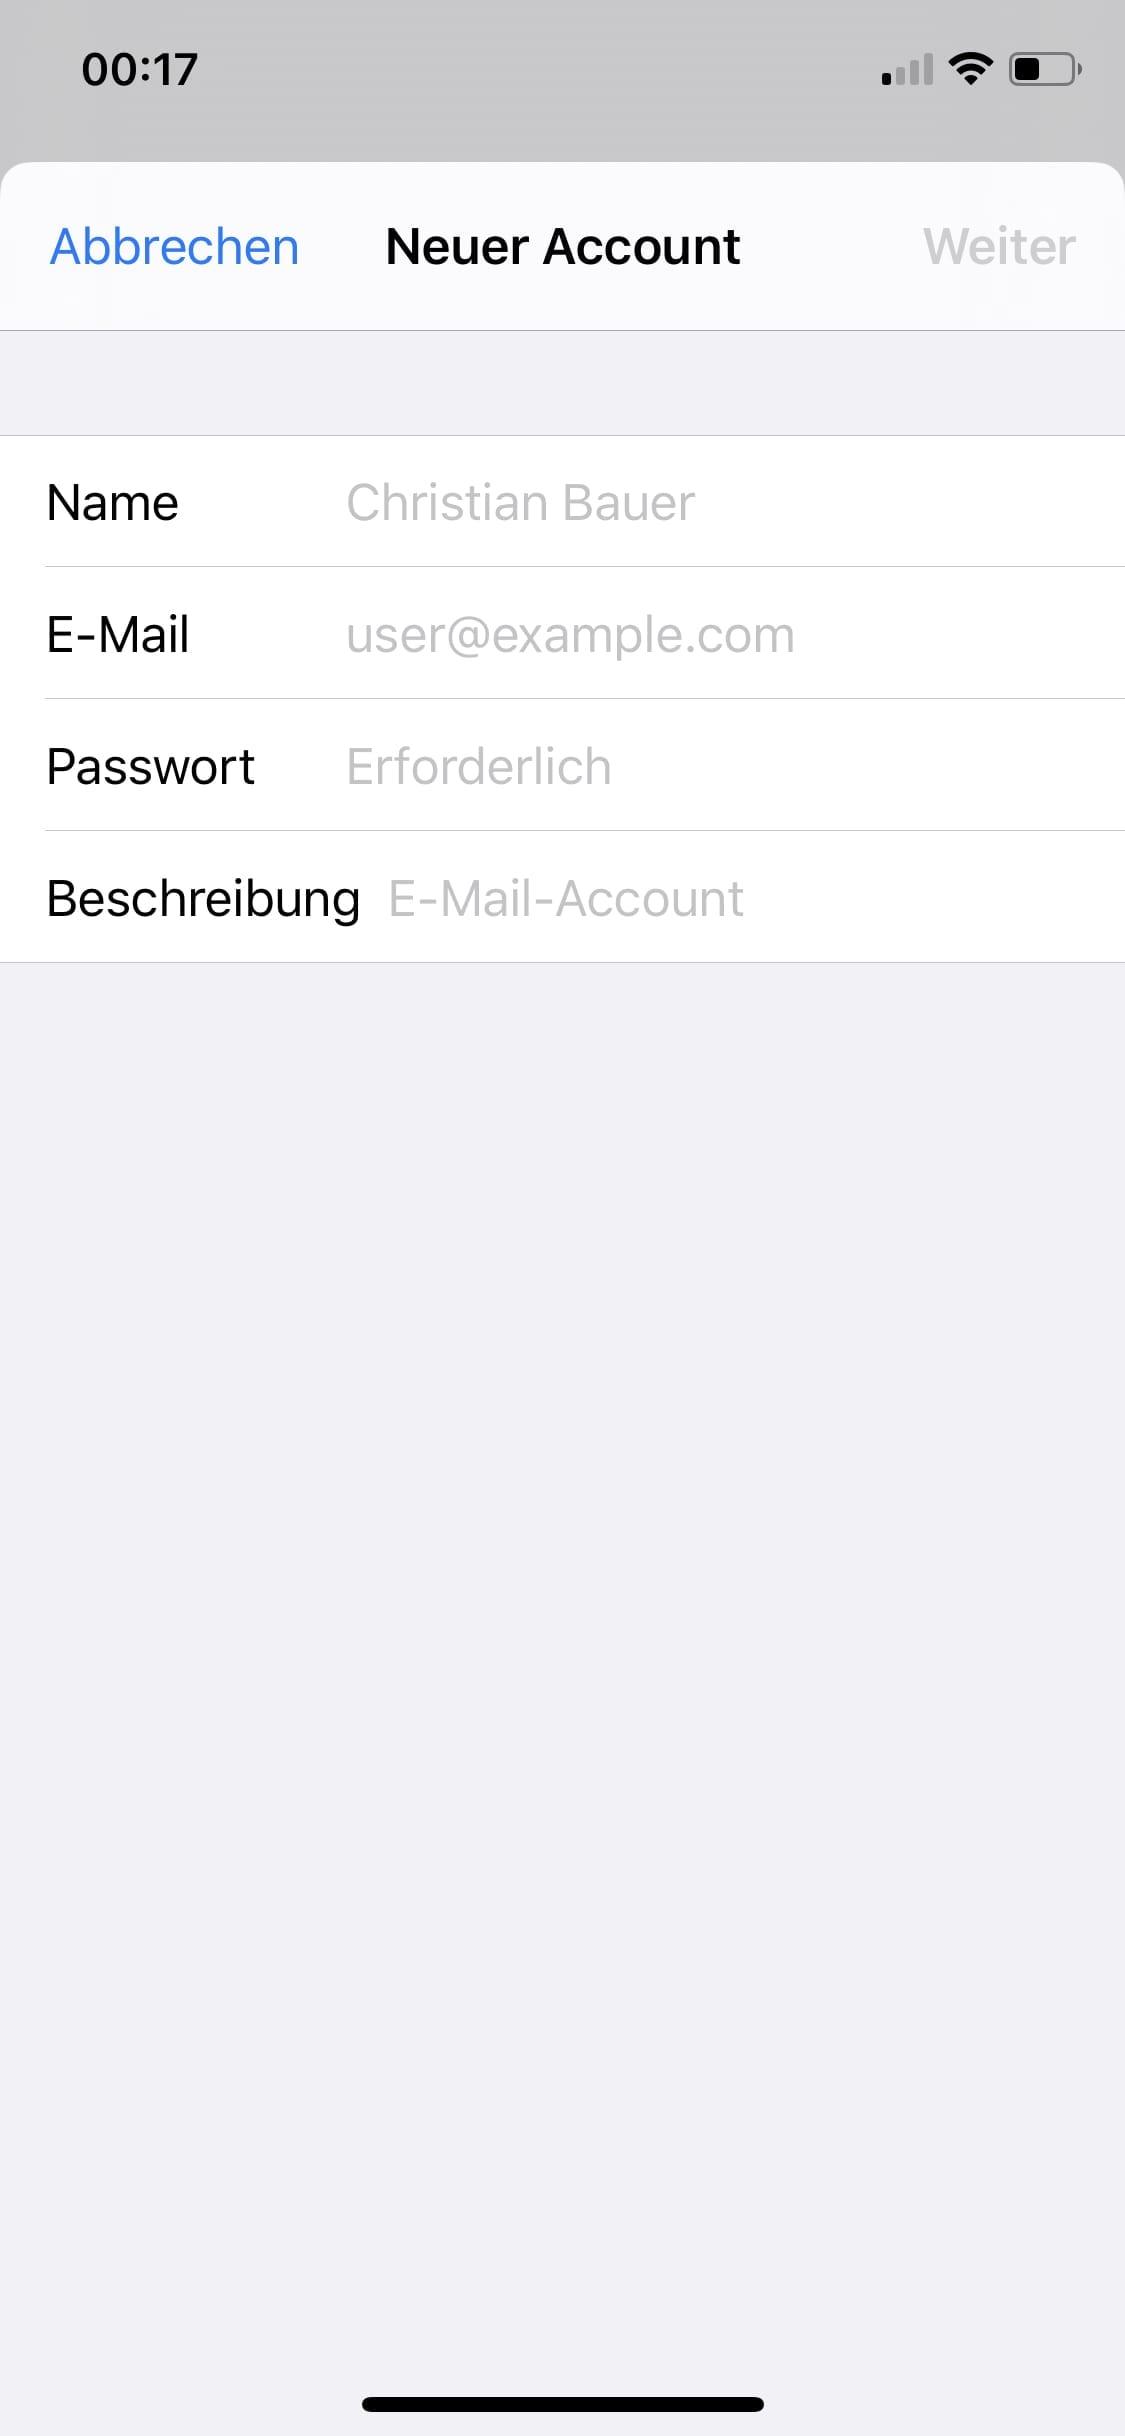 Iphone gmx mail passwort anzeigen